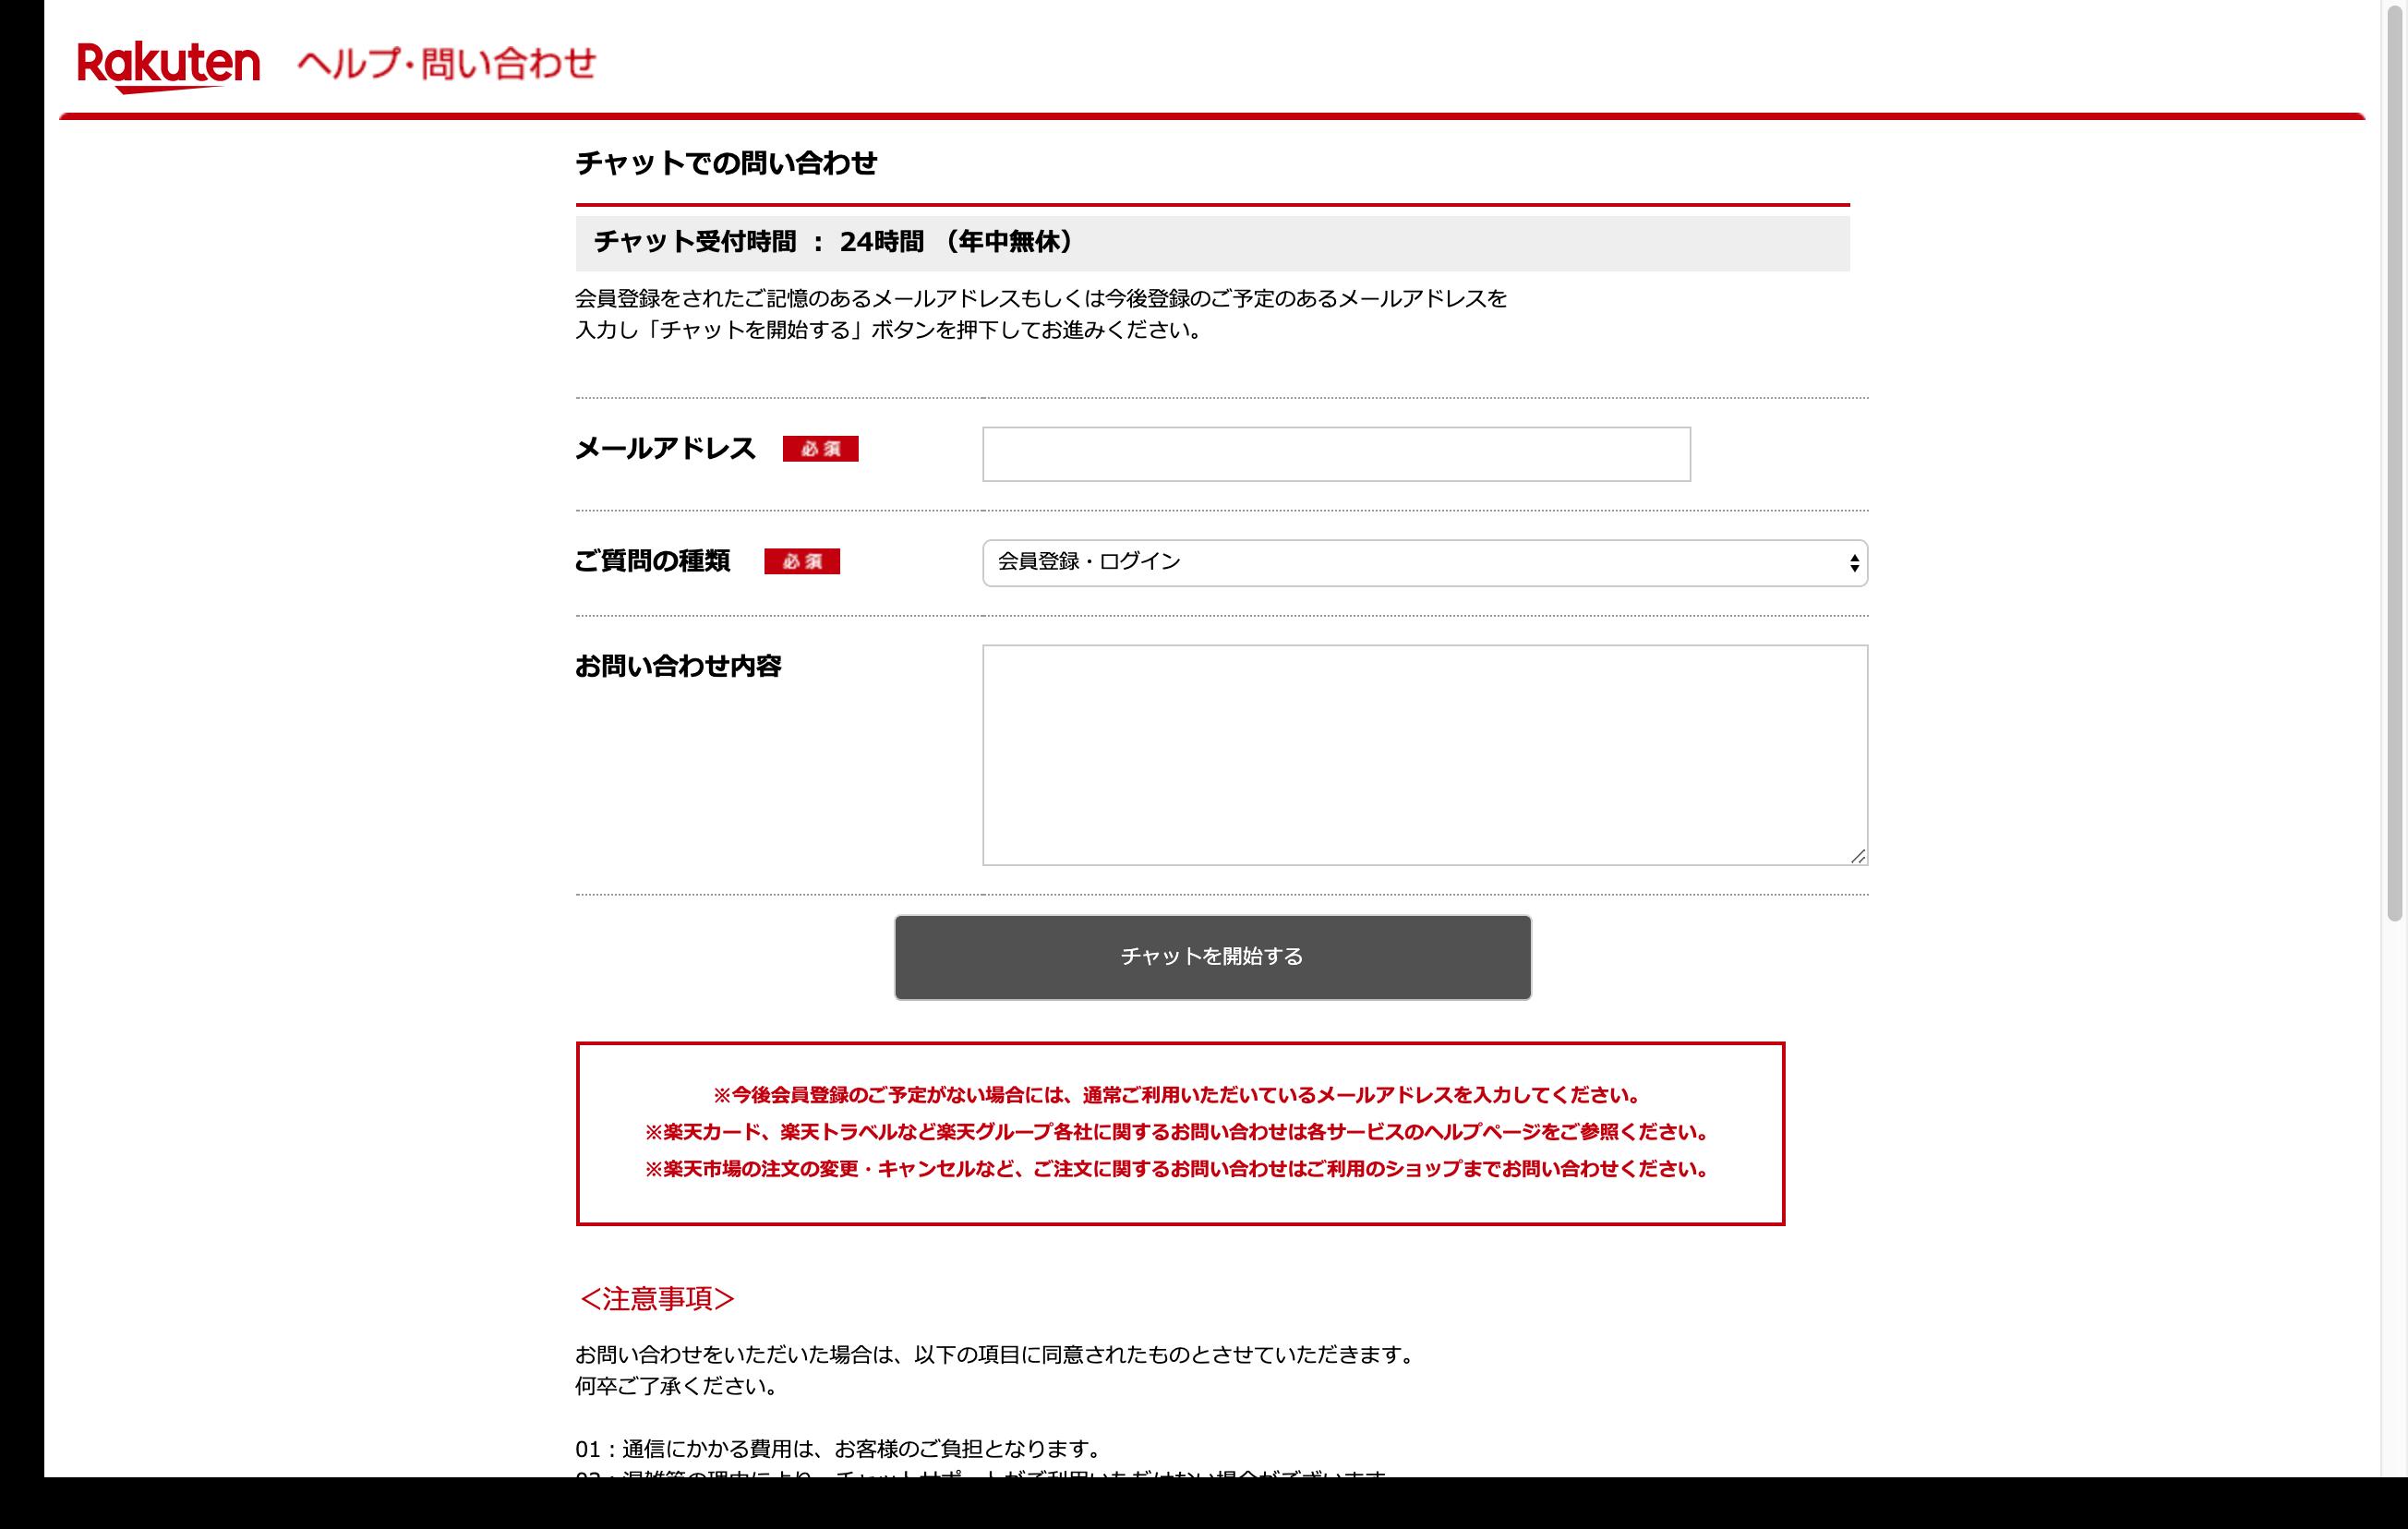 メールアドレスが原因で楽天に会員登録ができないエラーの対処法を解説